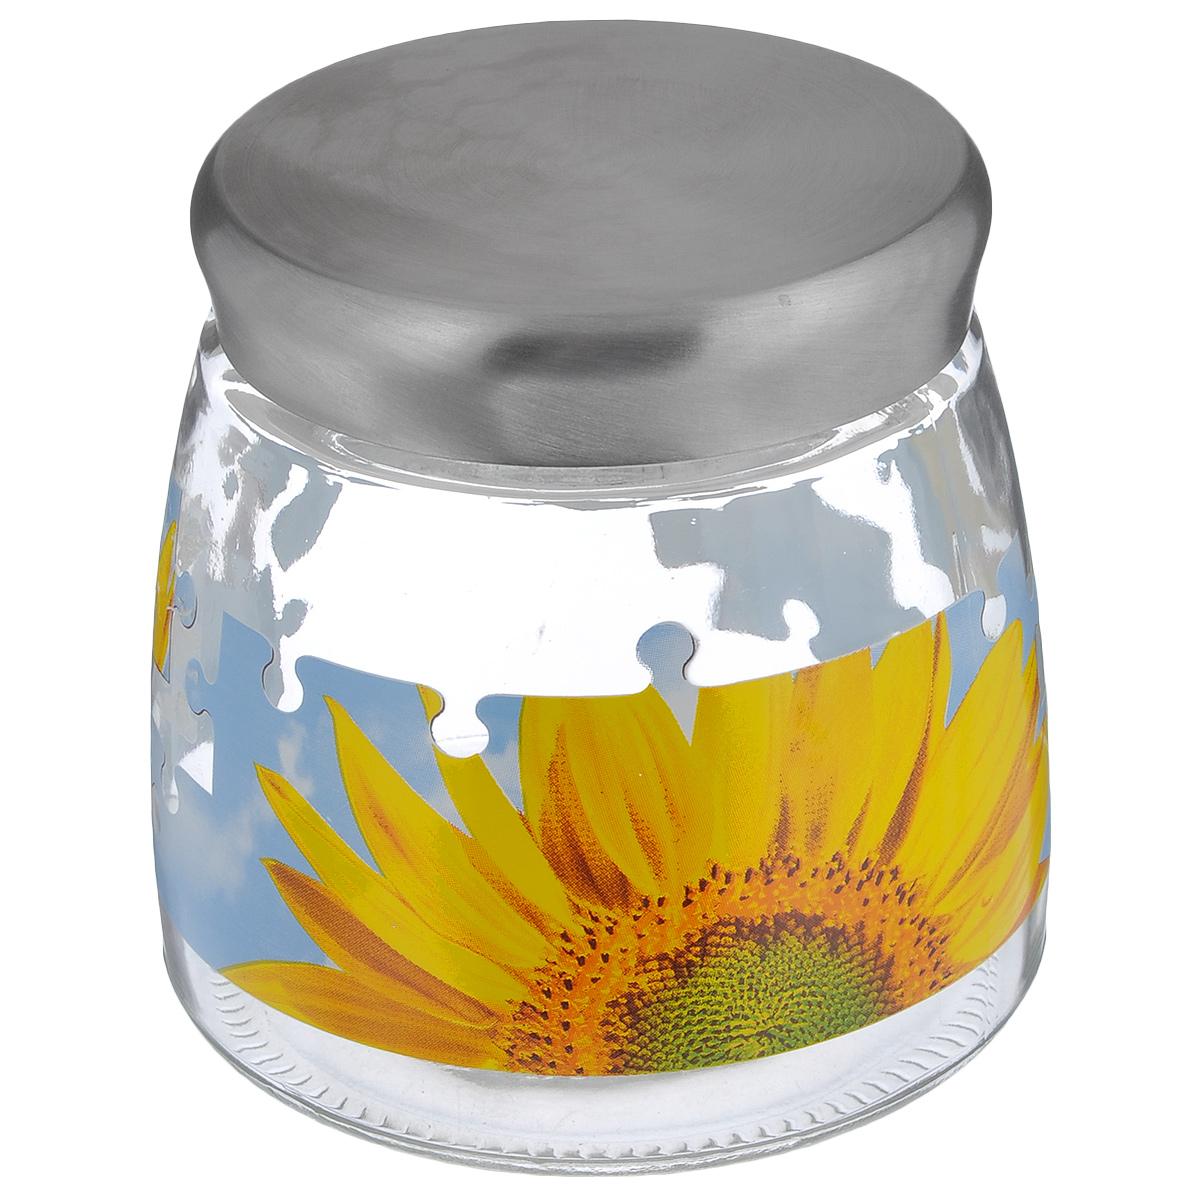 Банка для сыпучих продуктов Cerve Пазл подсолнух, цвет: прозрачный, желтый, голубой, 980 млCEM42230Банка для сыпучих продуктов Cerve Пазл подсолнух изготовлена из прочного стекла и декорирована красочным рисунком. Банка оснащена плотно закрывающейсяметаллической крышкой. Благодаря этому внутри сохраняется герметичность, и продукты дольше остаются свежими. Изделие предназначено для хранения различных сыпучих продуктов: круп, чая, сахара, орехов и многогодругого.Функциональная и вместительная, такая банка станет незаменимым аксессуаромна любой кухне.Можно мыть в посудомоечной машине. Диаметр (по верхнему краю): 9 см. Высота банки (без учета крышки): 12,2 см. Диаметр дна банки: 12 см.